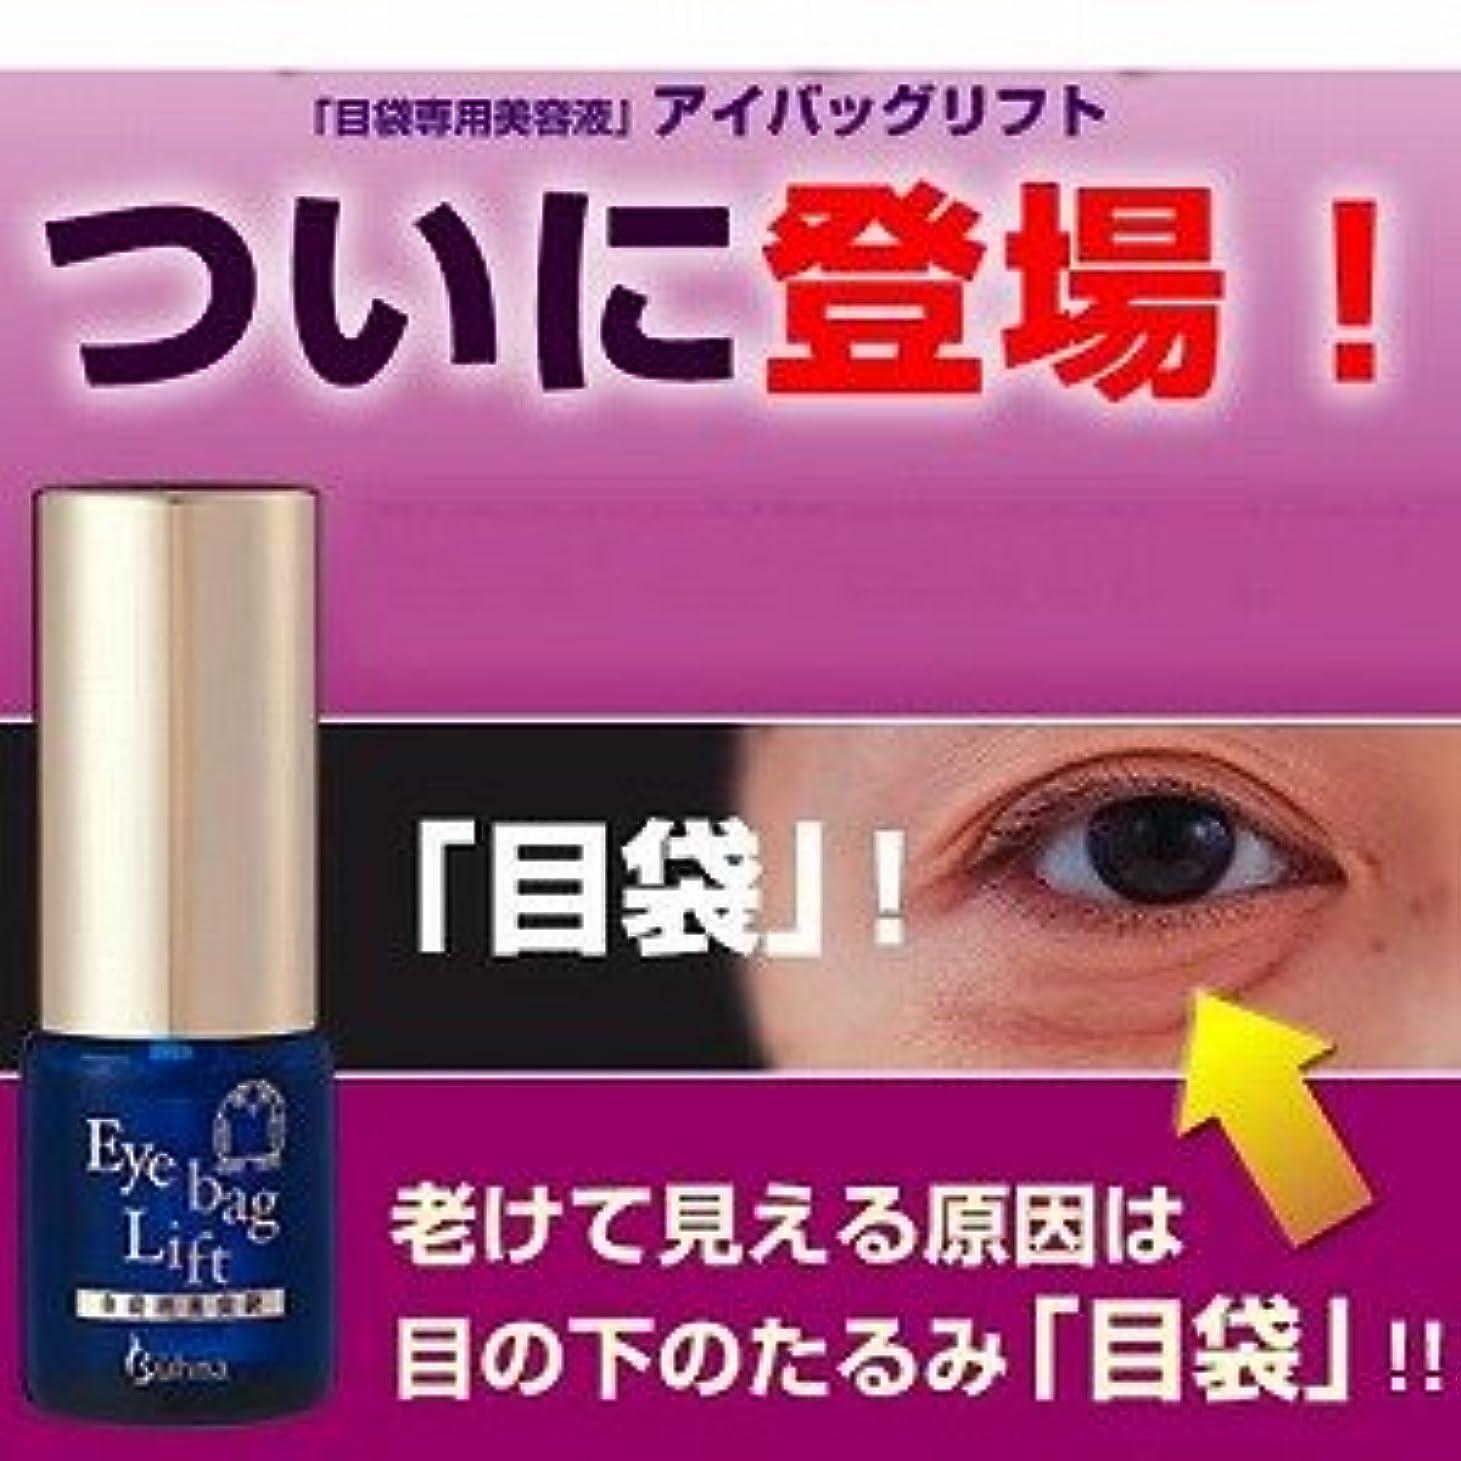 樹木統計的火山の老けて見える原因は、目元、目の下のたるみ「目袋」『目袋専用美容液 アイバッグリフト』